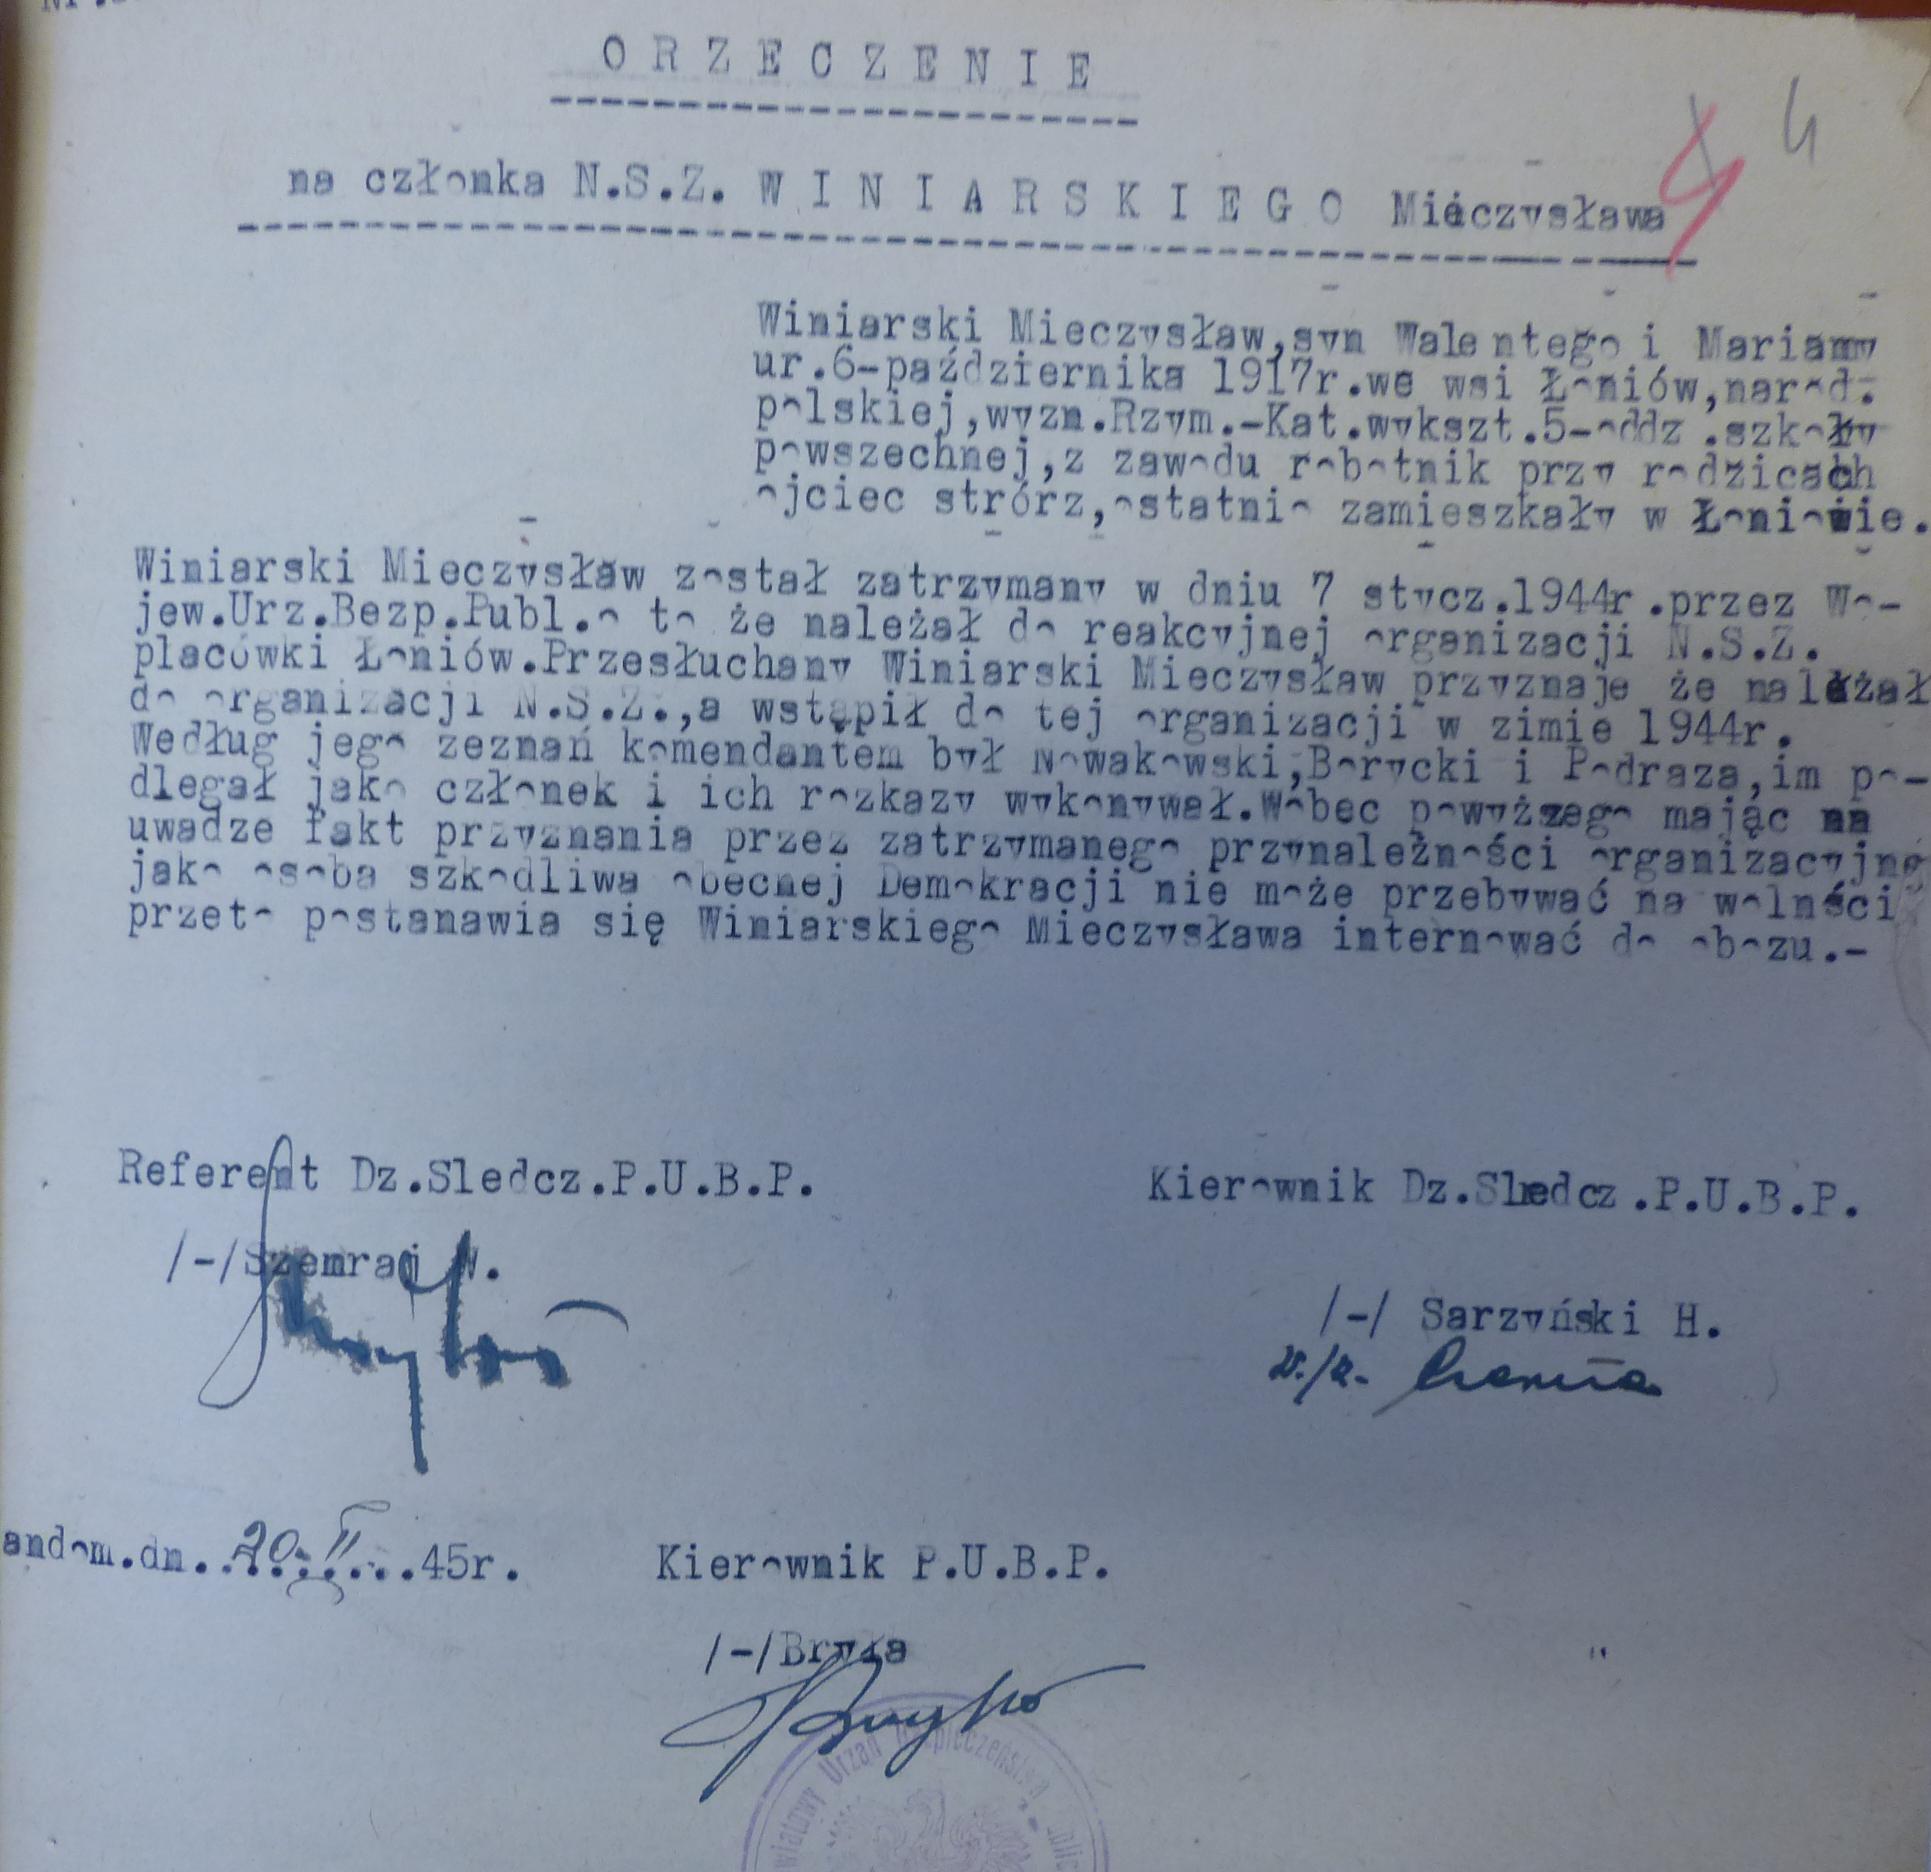 Fot. Materiał ze śledztwa przeciw Winiarskiemu z czasów przynależności do NSZ